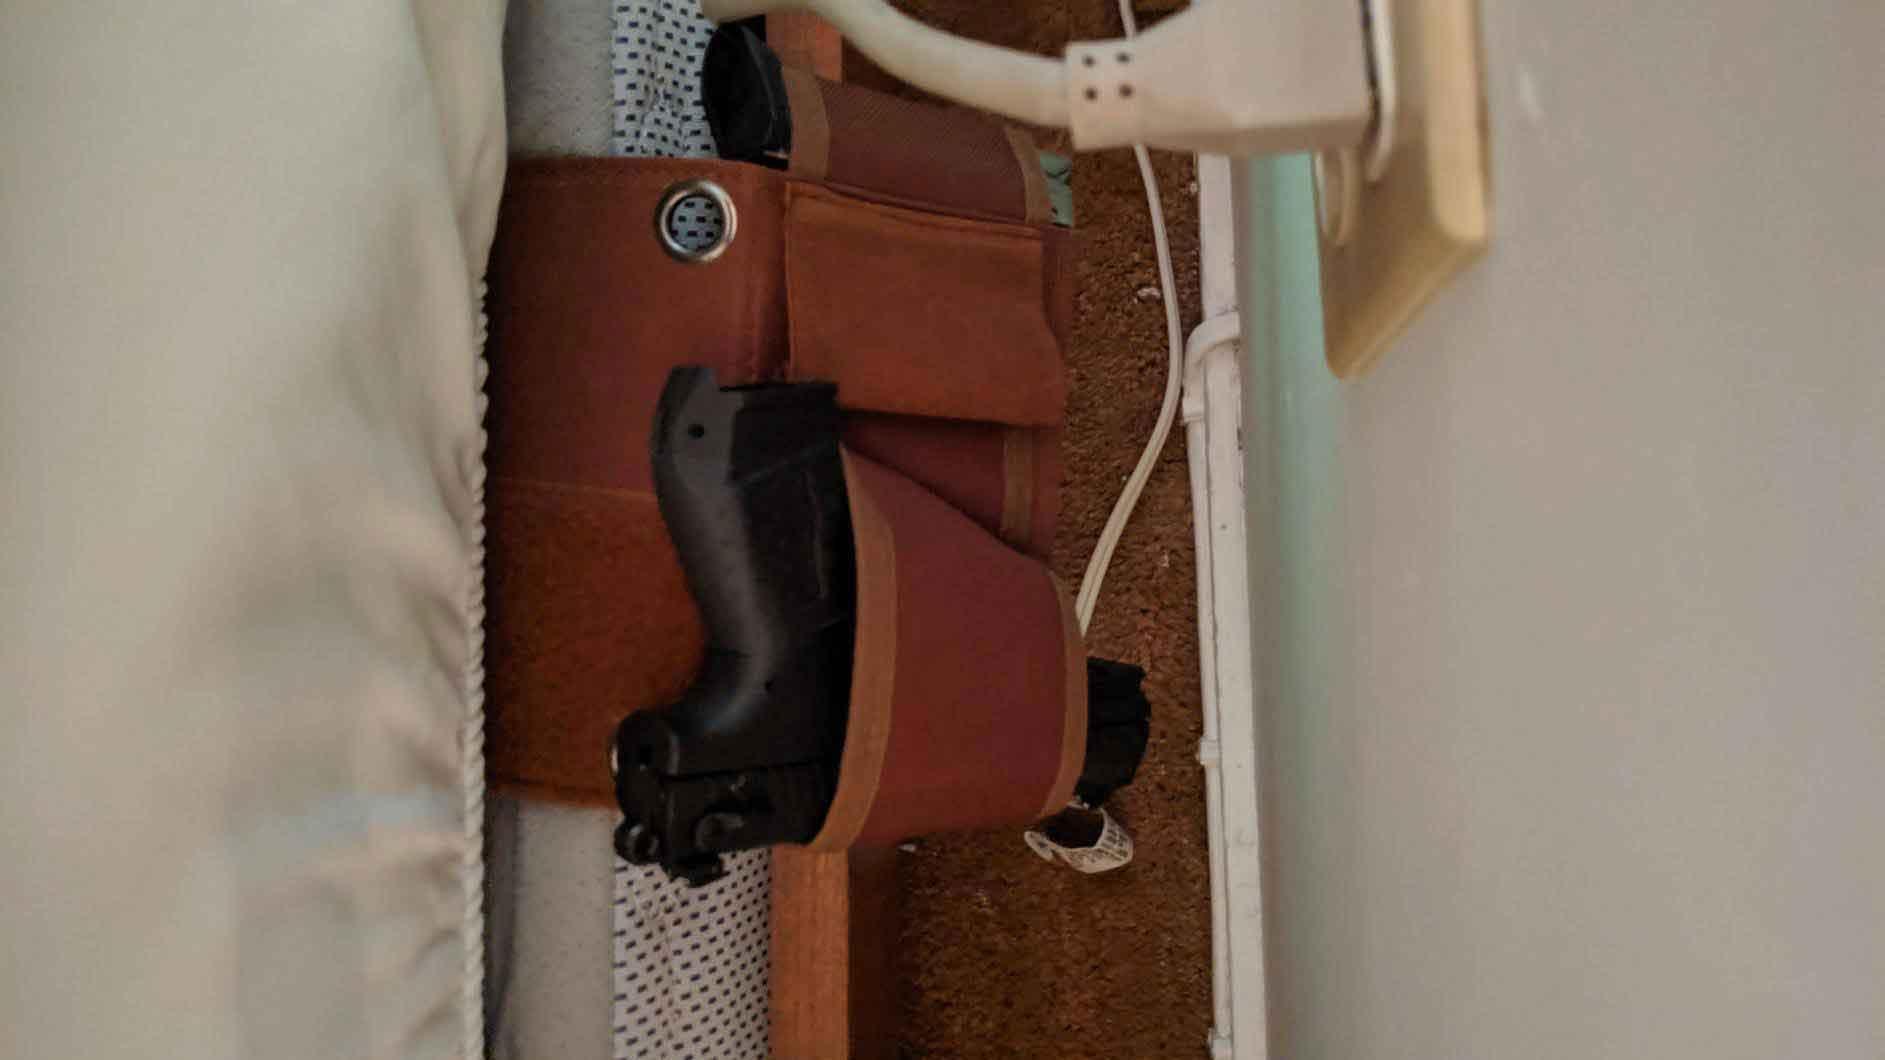 bed frame gun holster, mattress gun holster, under bed gun holster